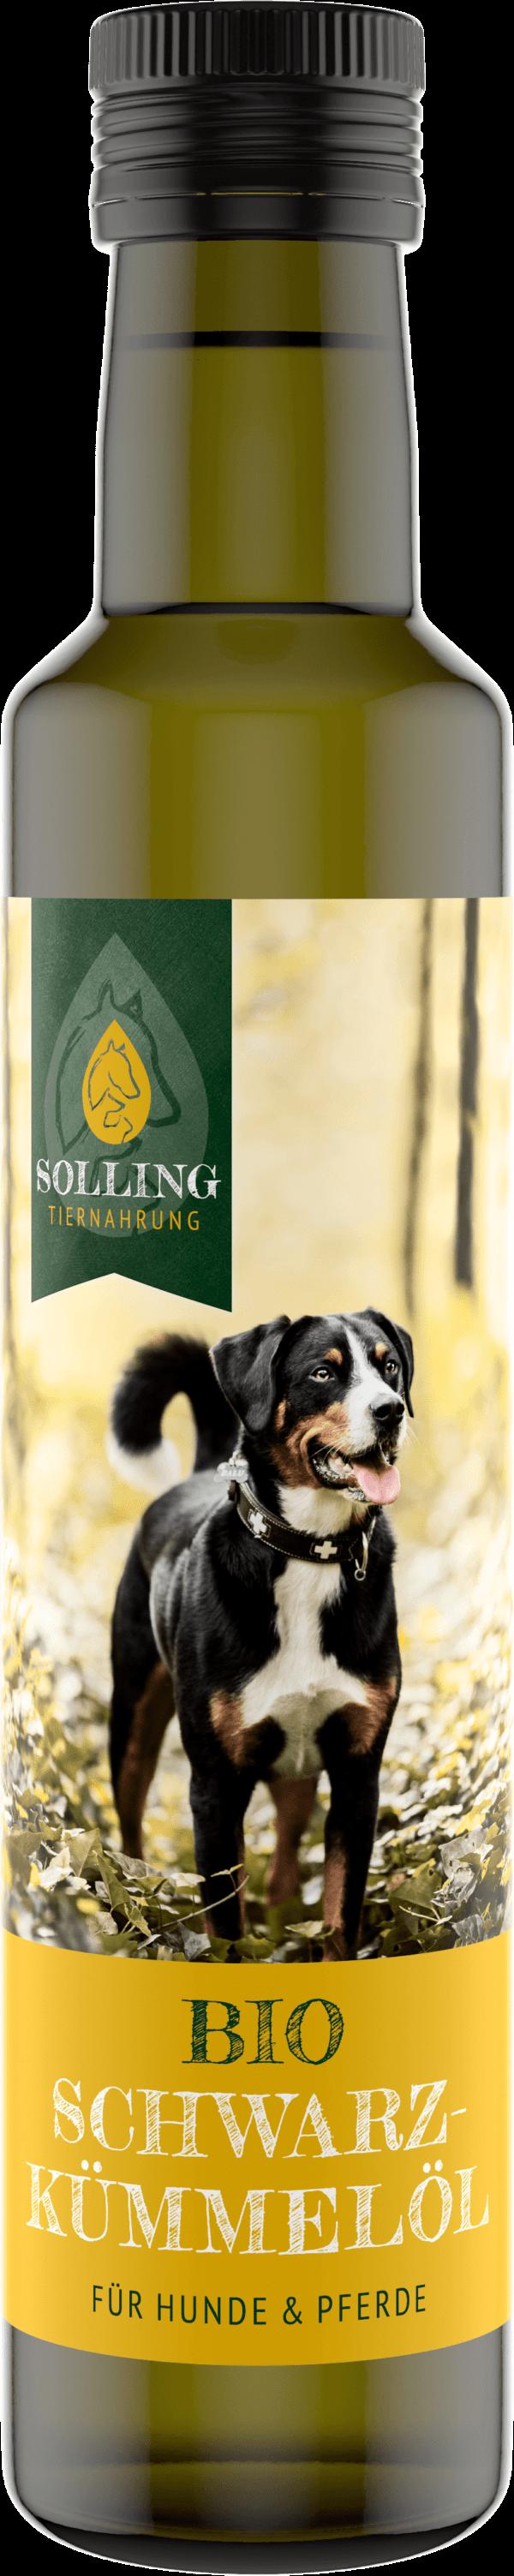 Schwarzkümmelöl für Tiere Futterergänzung für Hunde und Pferde 250 ml von Ölmühle Solling